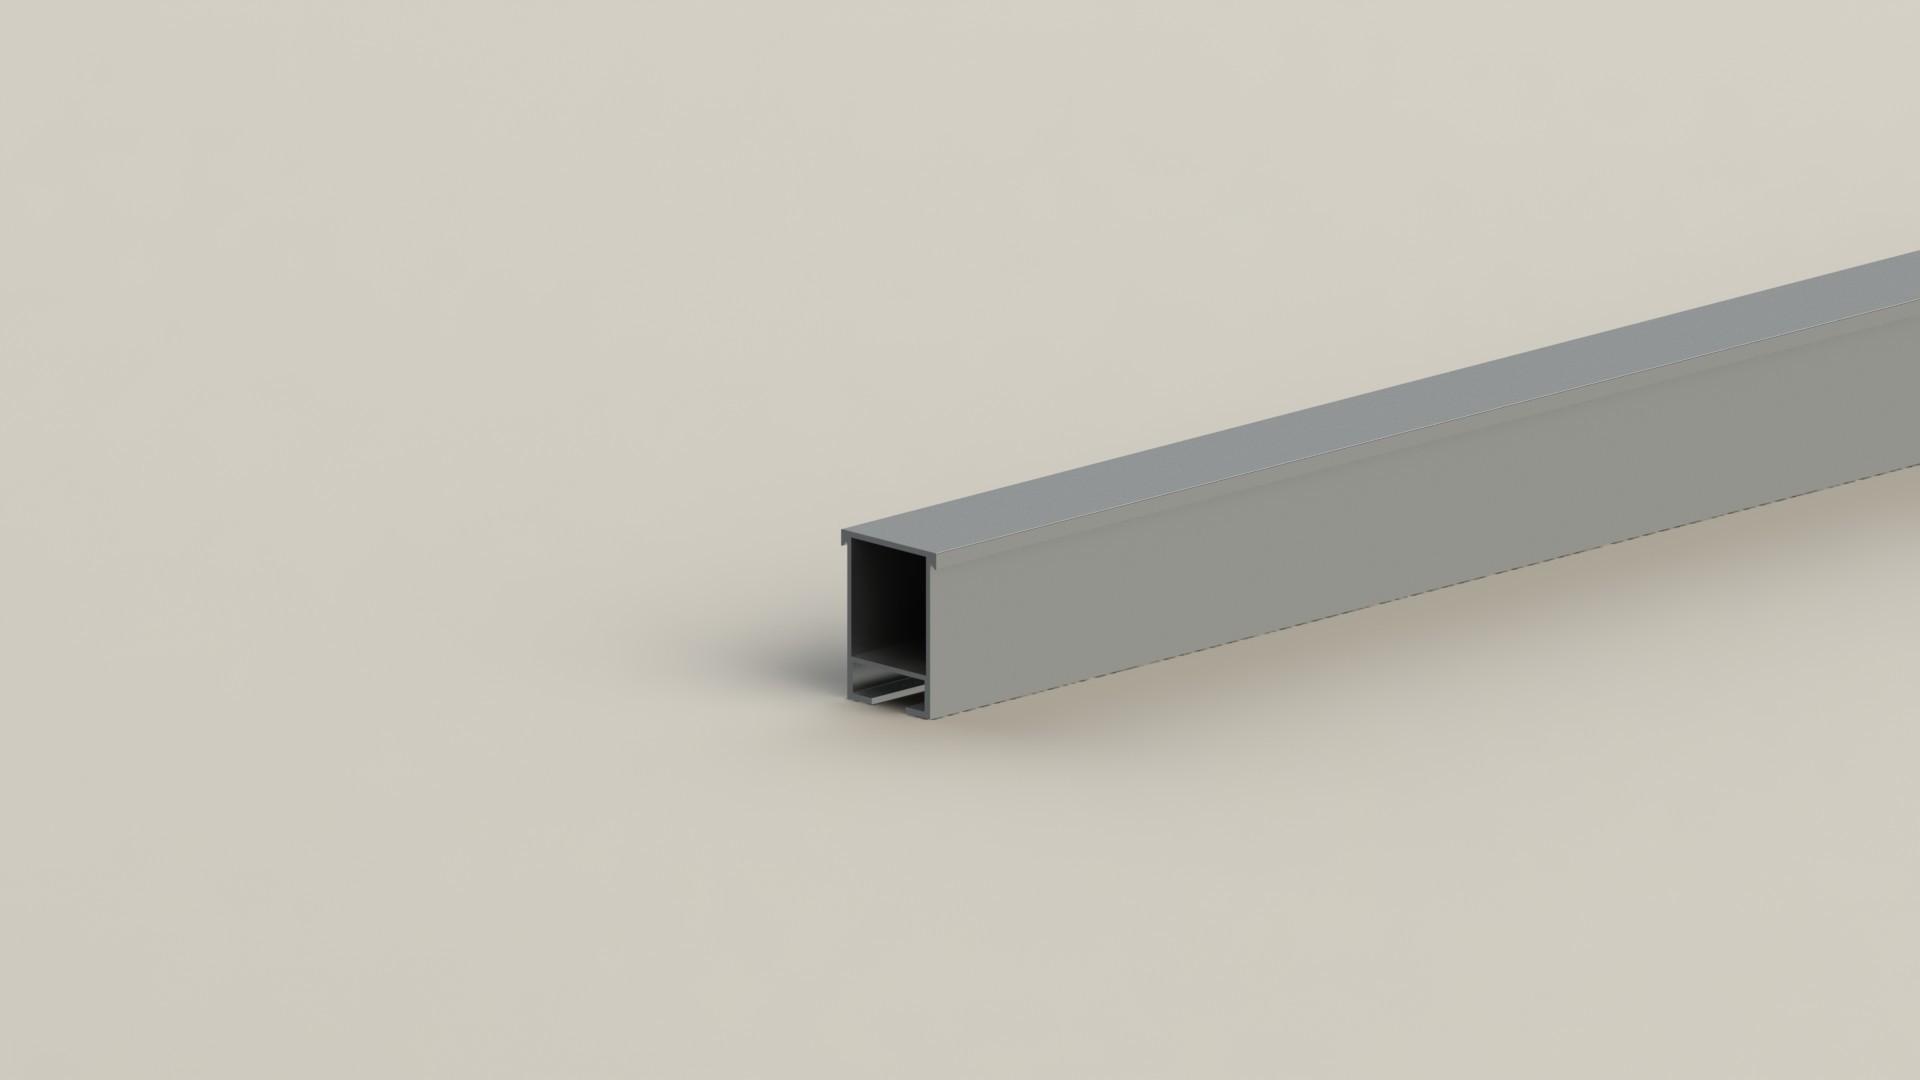 厂家直销光伏支架-铝合金卡扣型导轨示例图1